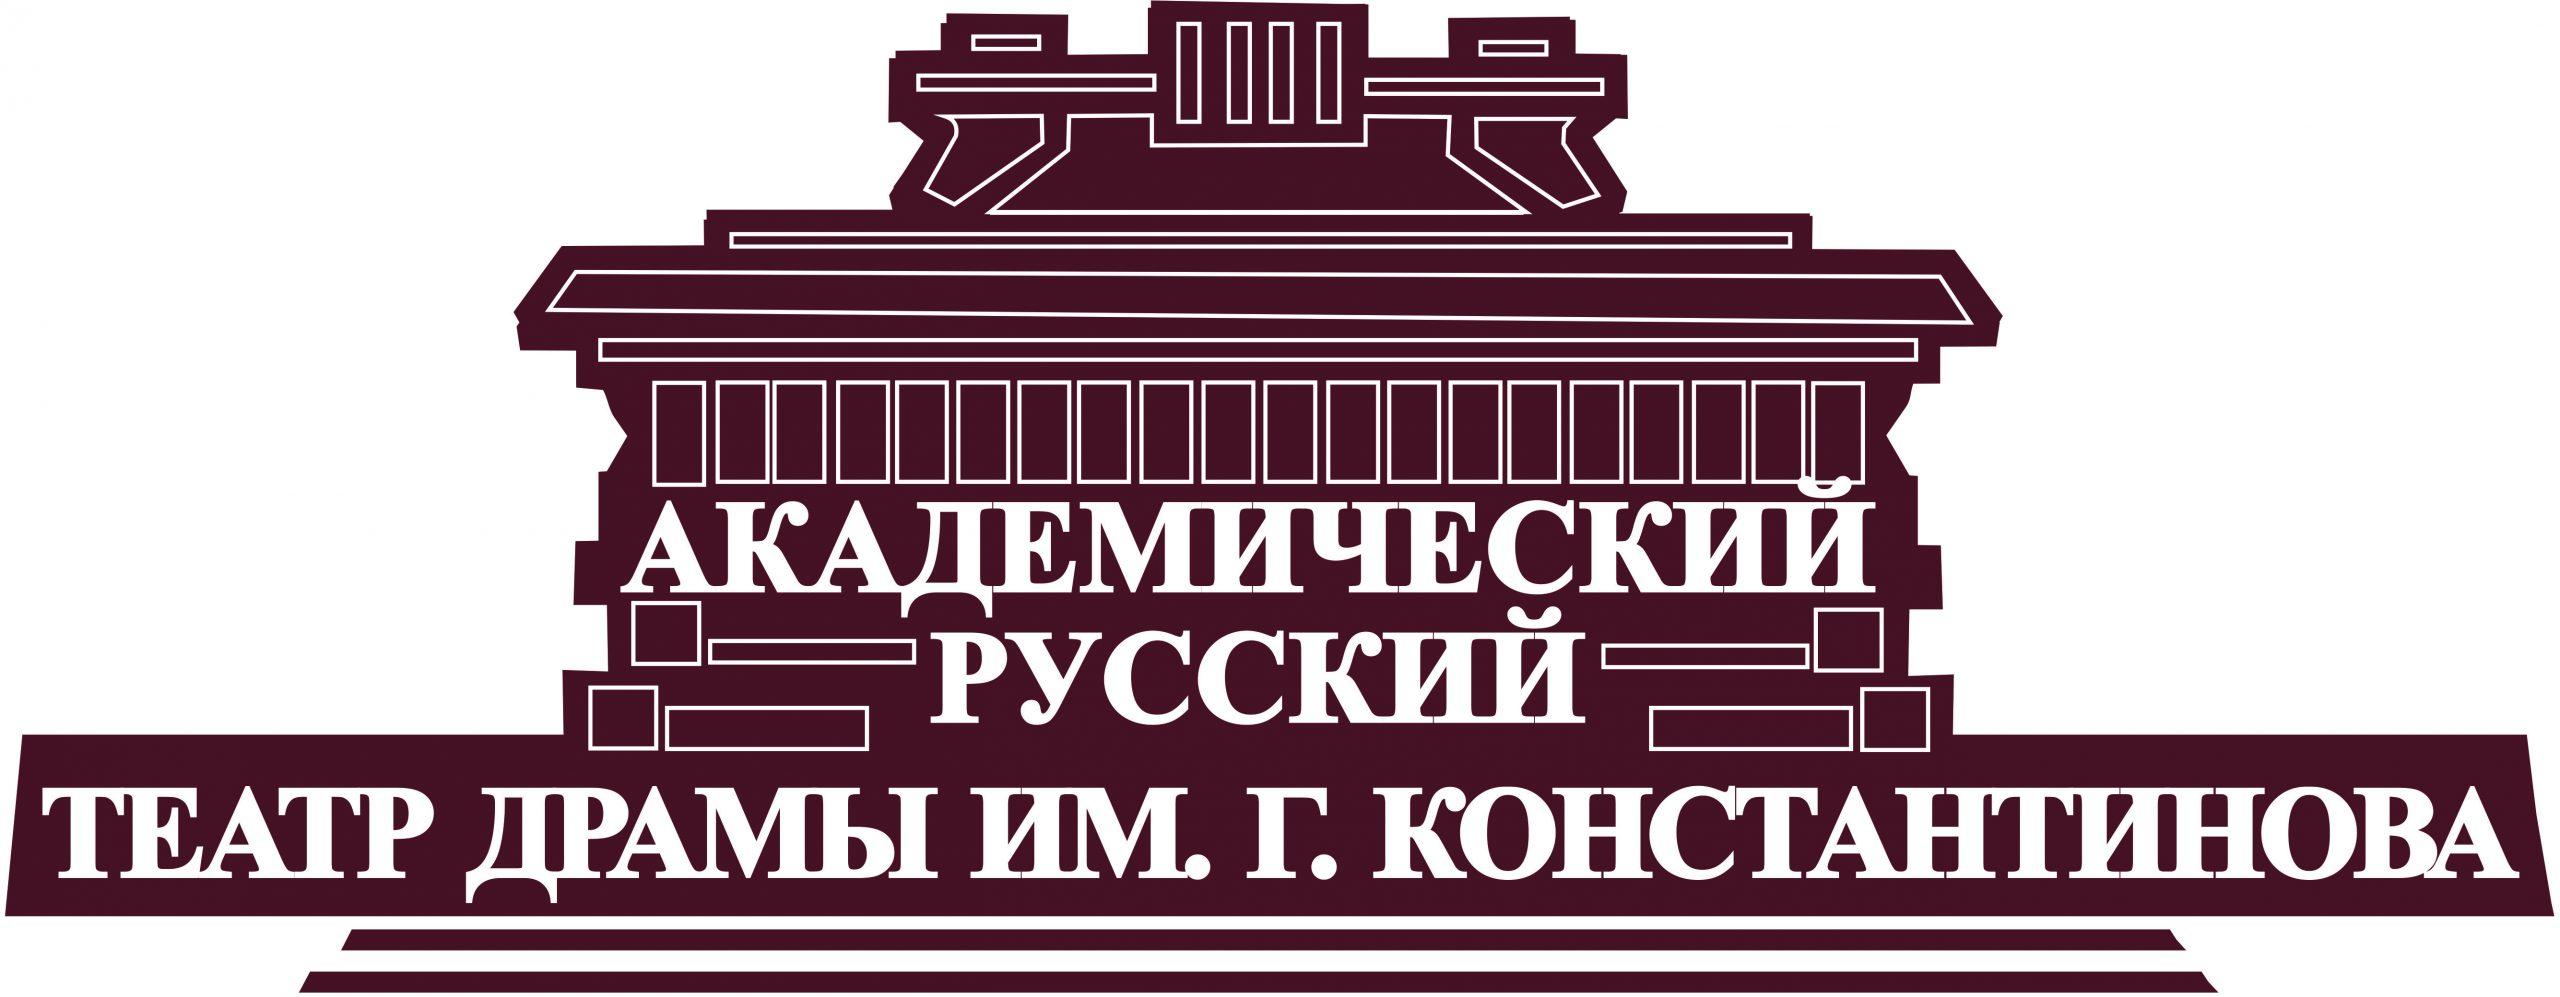 Академический русский театр драмы им. Г. Константинова